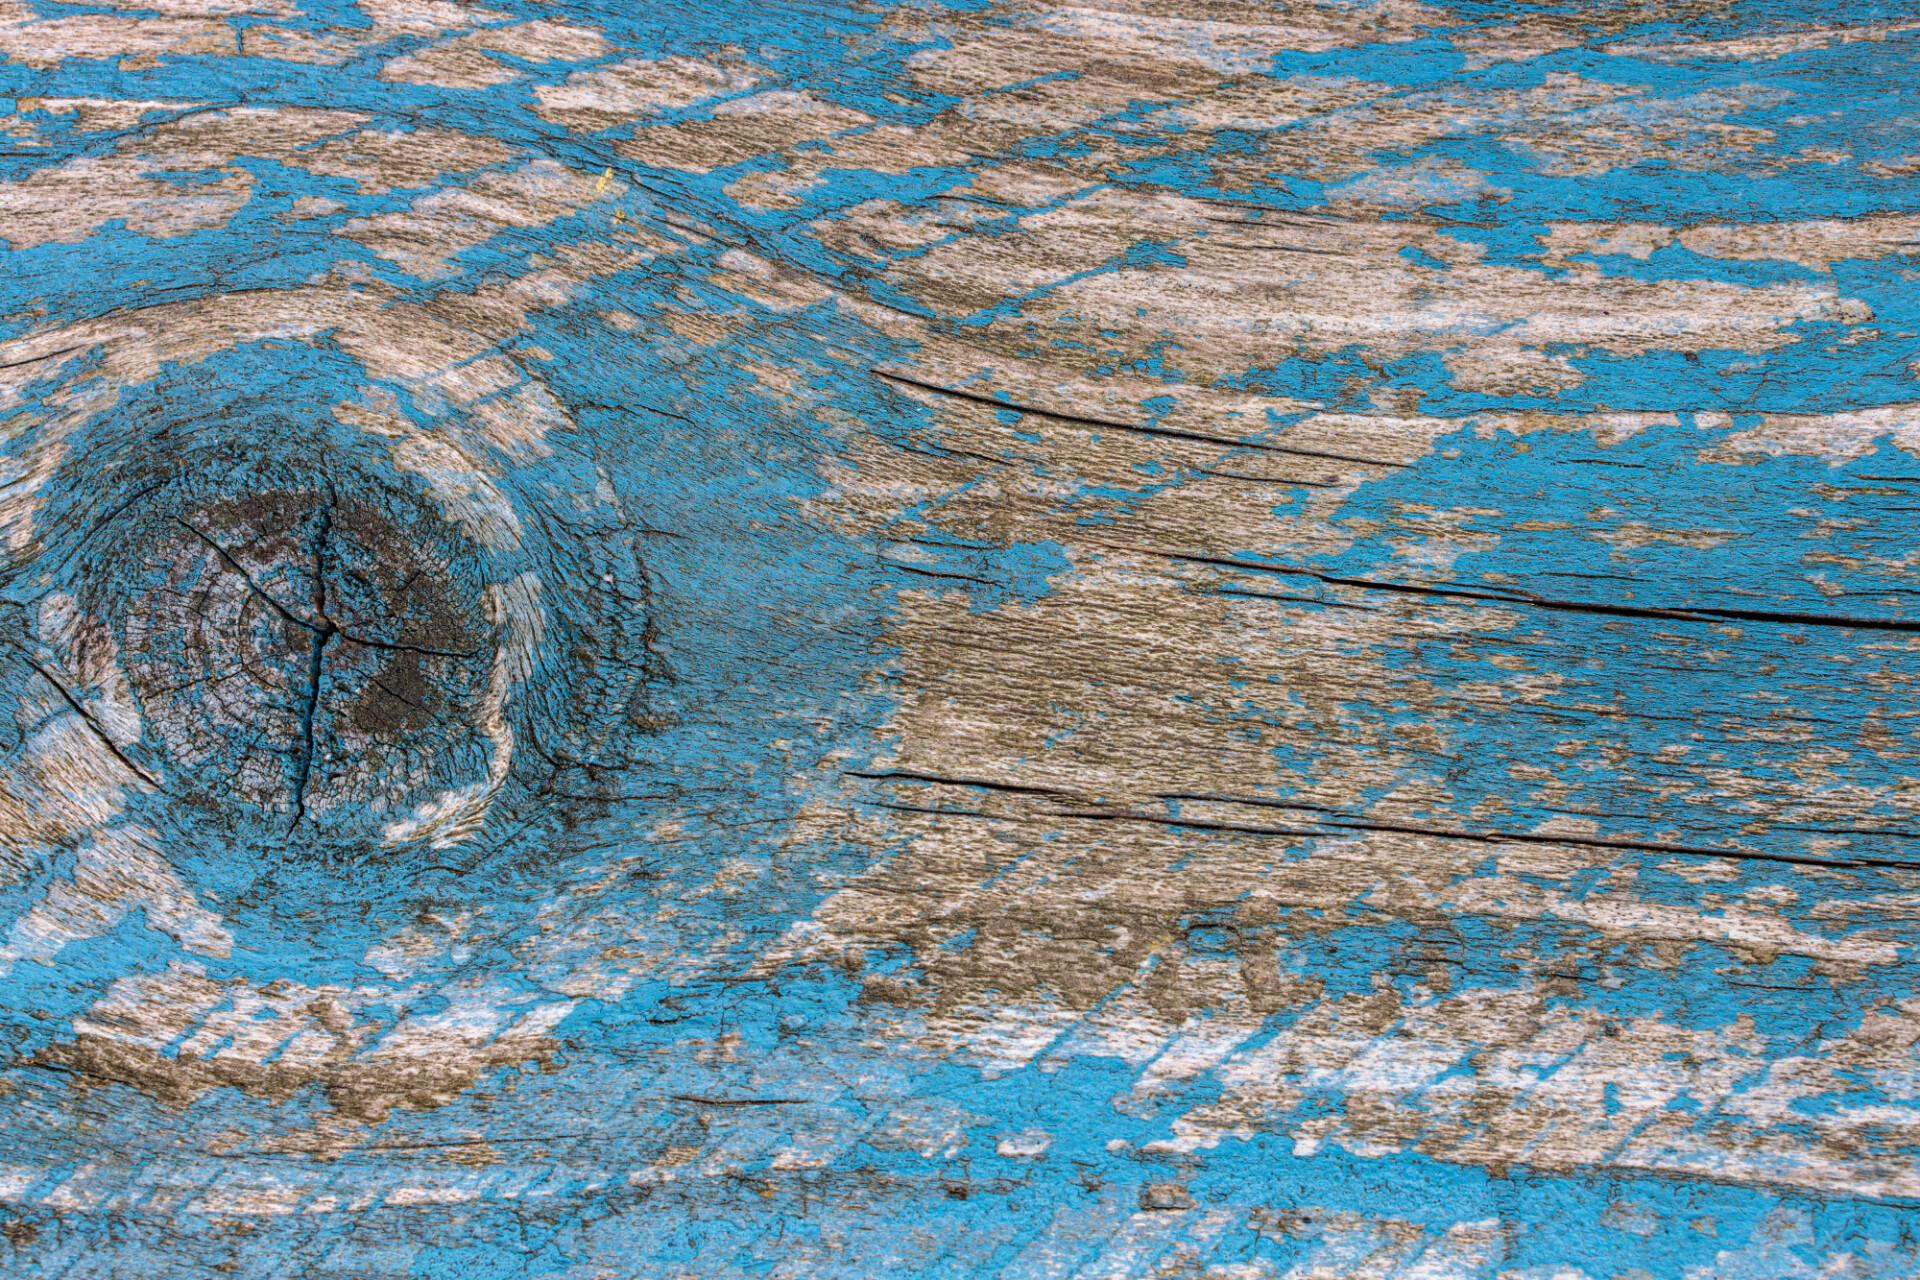 grunge blue wood texture background